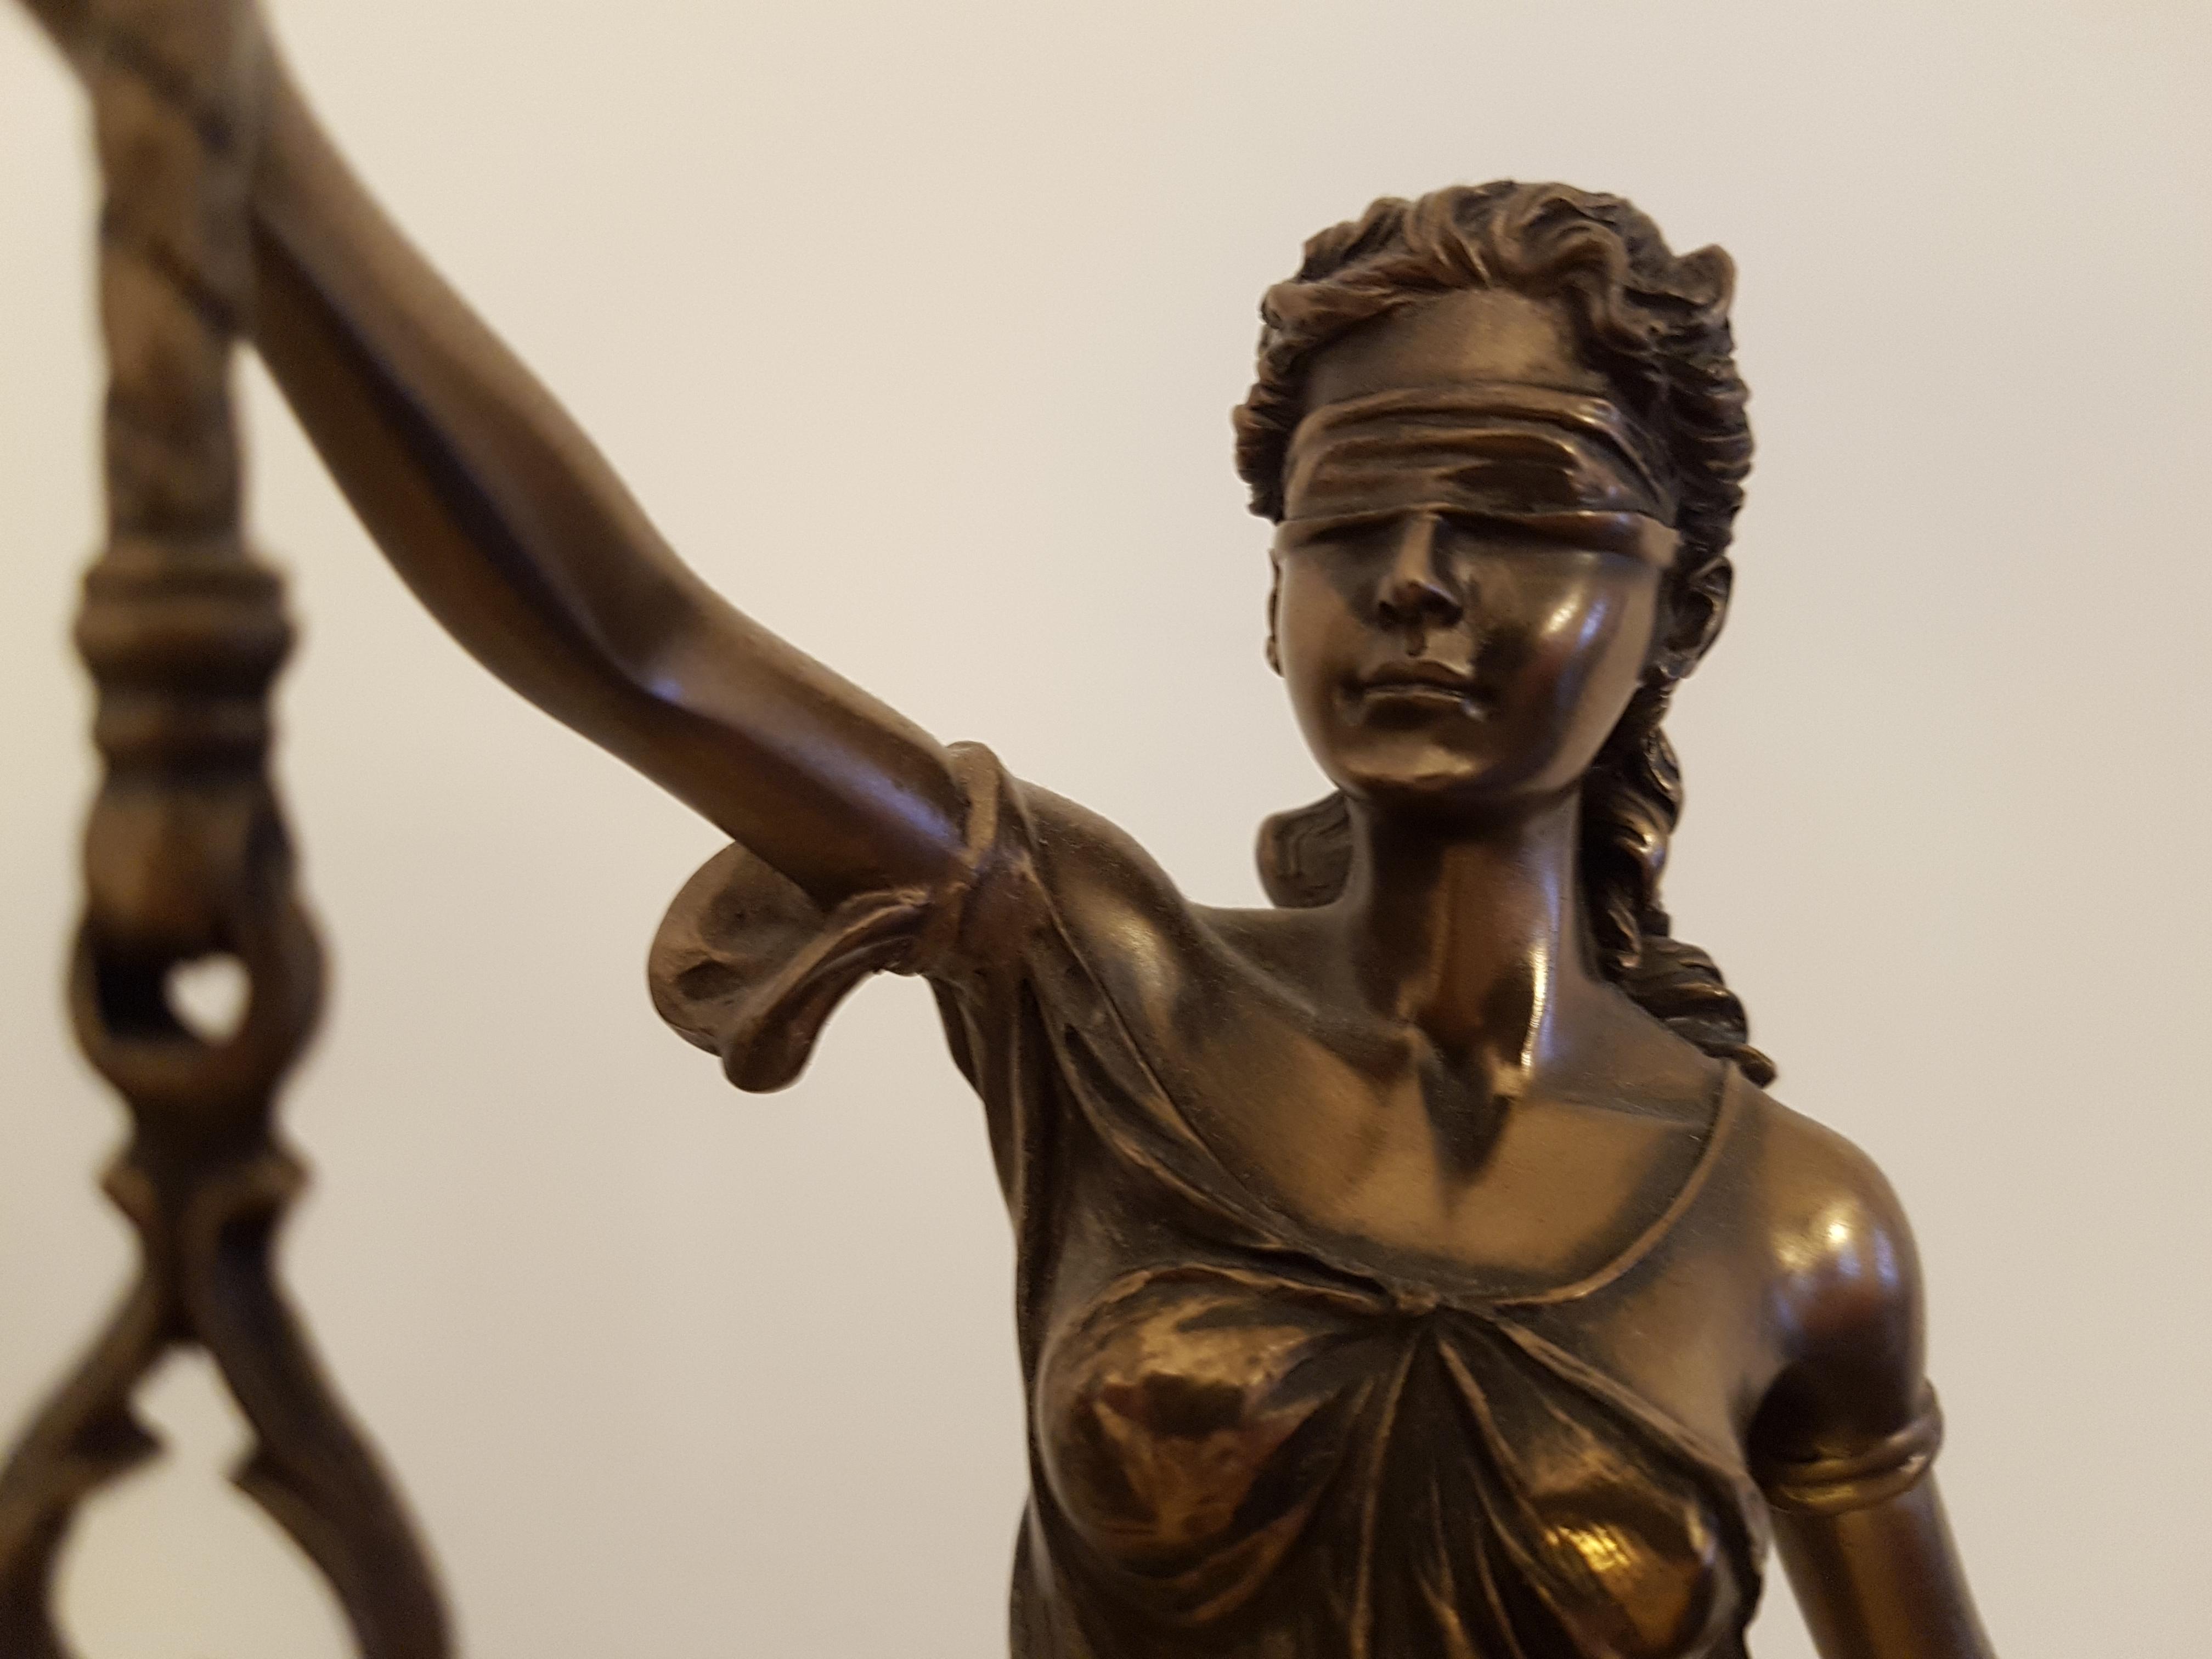 Das Foto zeigt das Sinnbild von Recht und Gerechtigkeit, die Justitia. Zu erkennen ist das Gesicht und der ausgestreckt Arm, der die Waage hält.